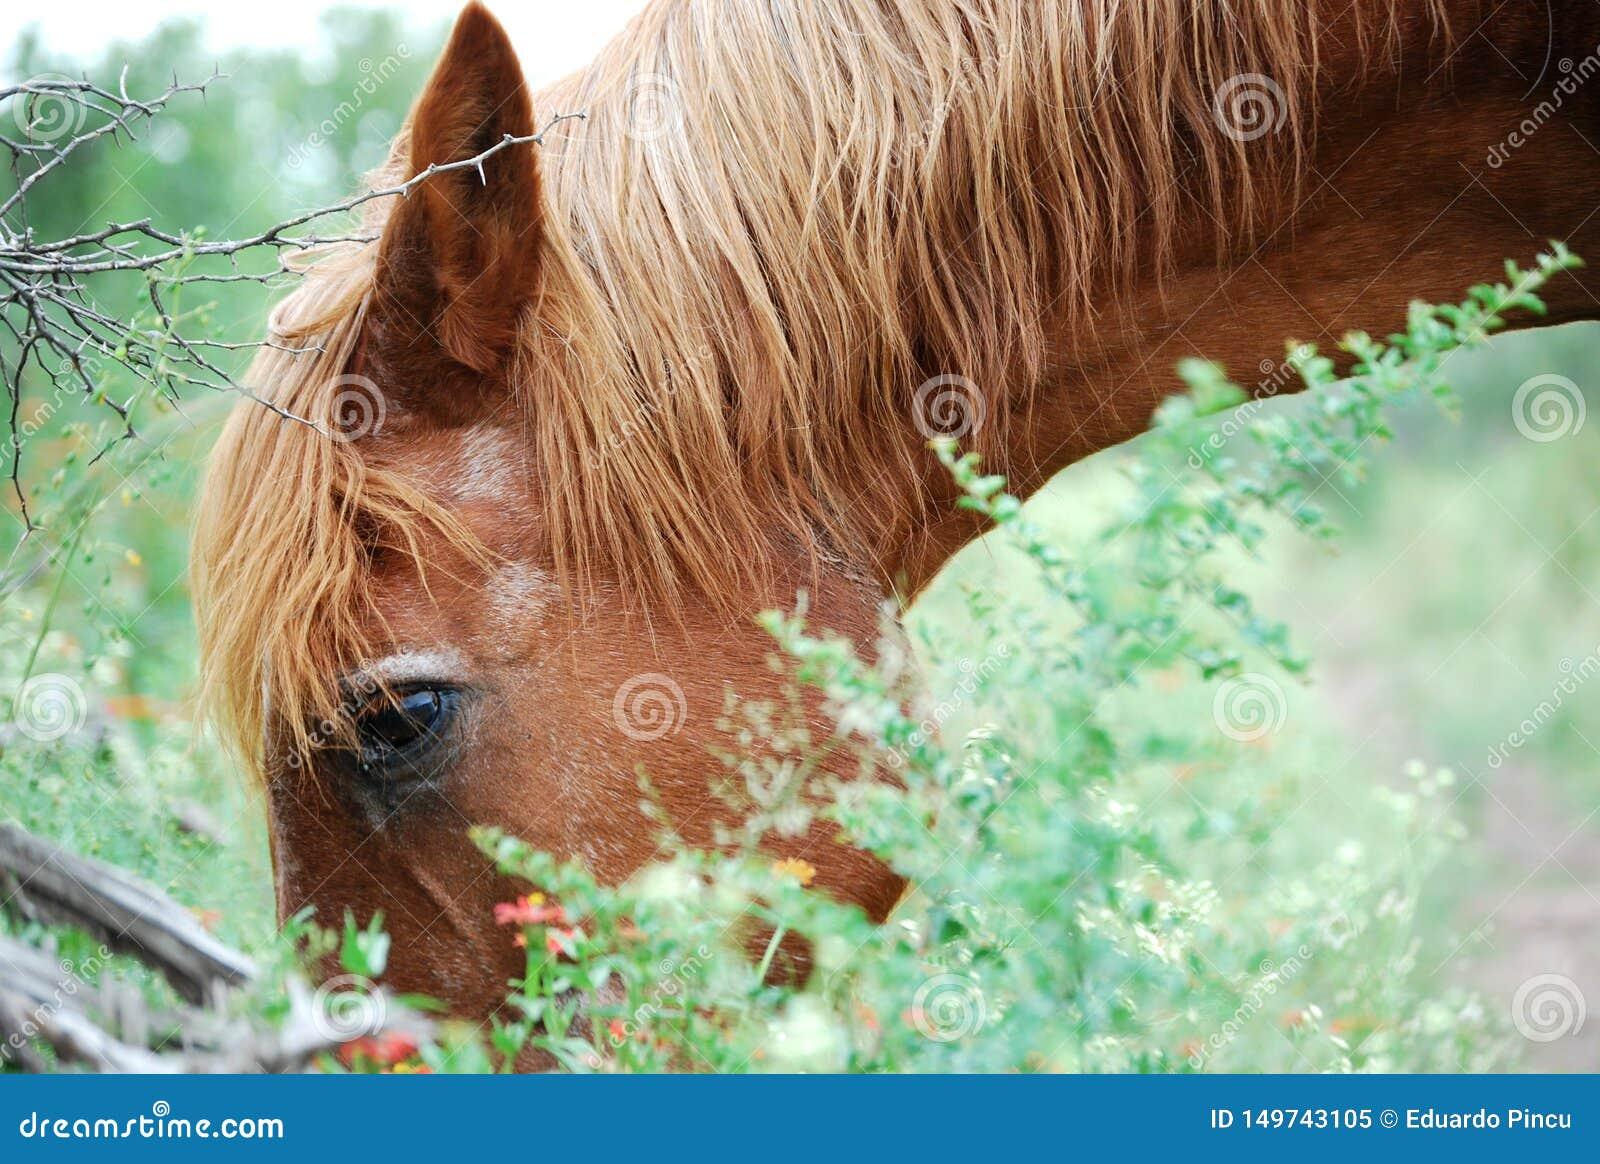 Brown horse eating in field